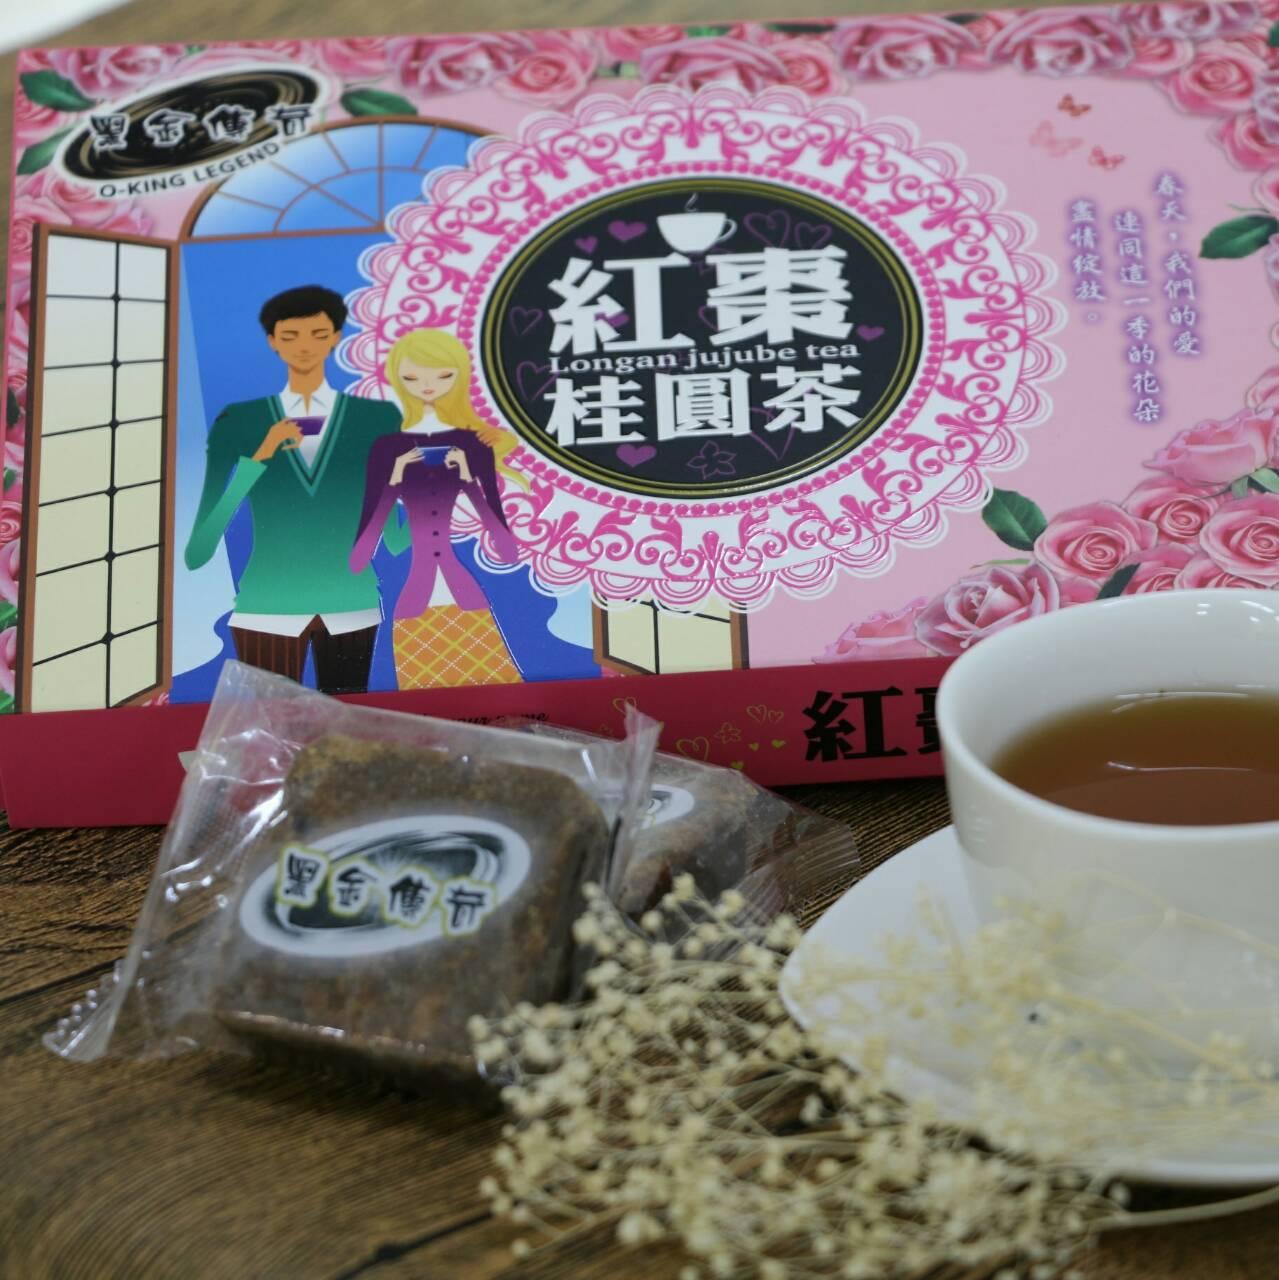 黑糖紅棗桂圓茶(禮盒)大顆210g